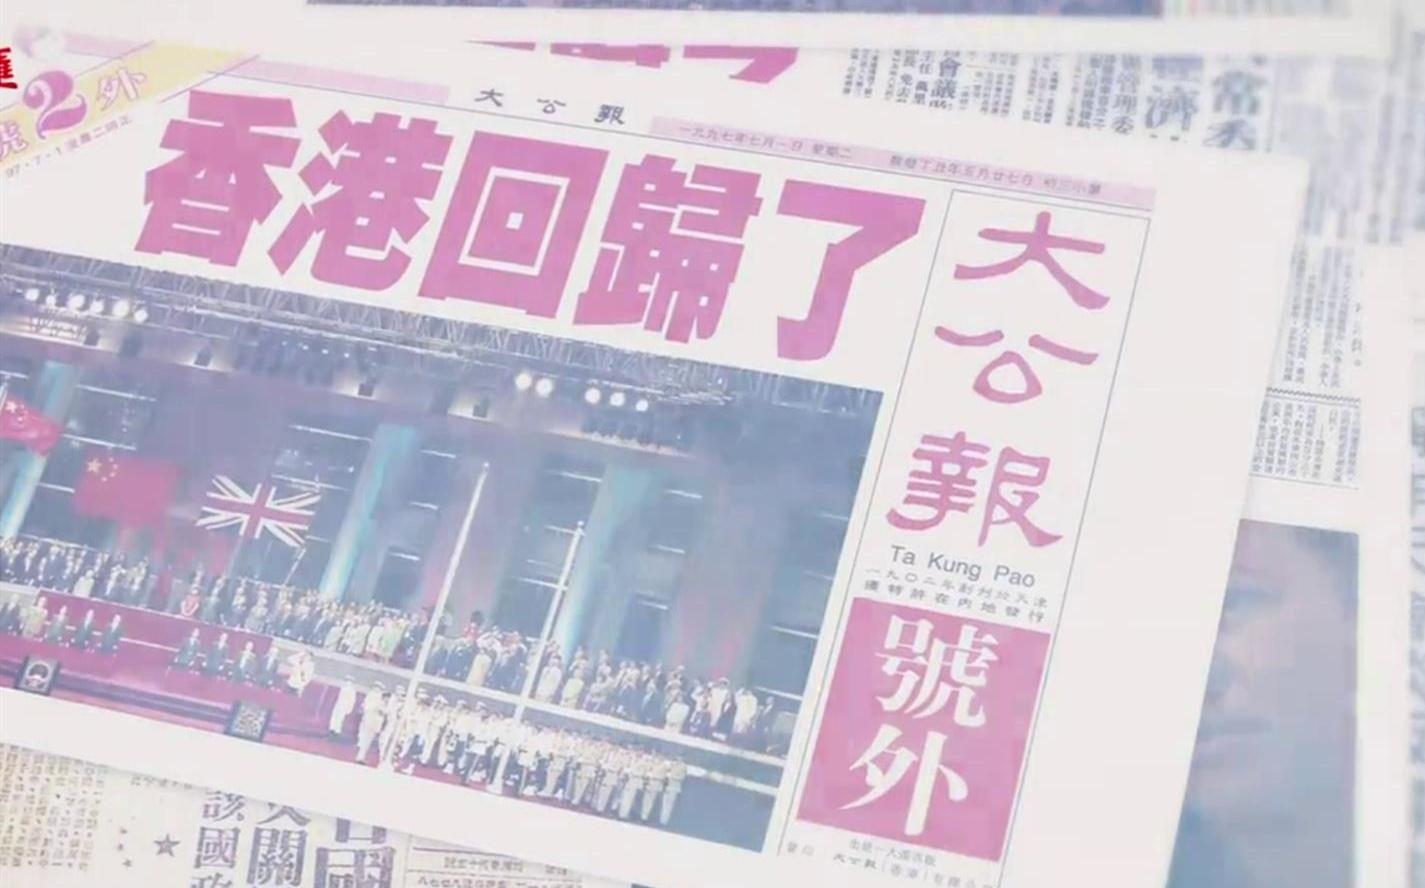 國慶70周年 | 大公報帶你回顧:香港回歸